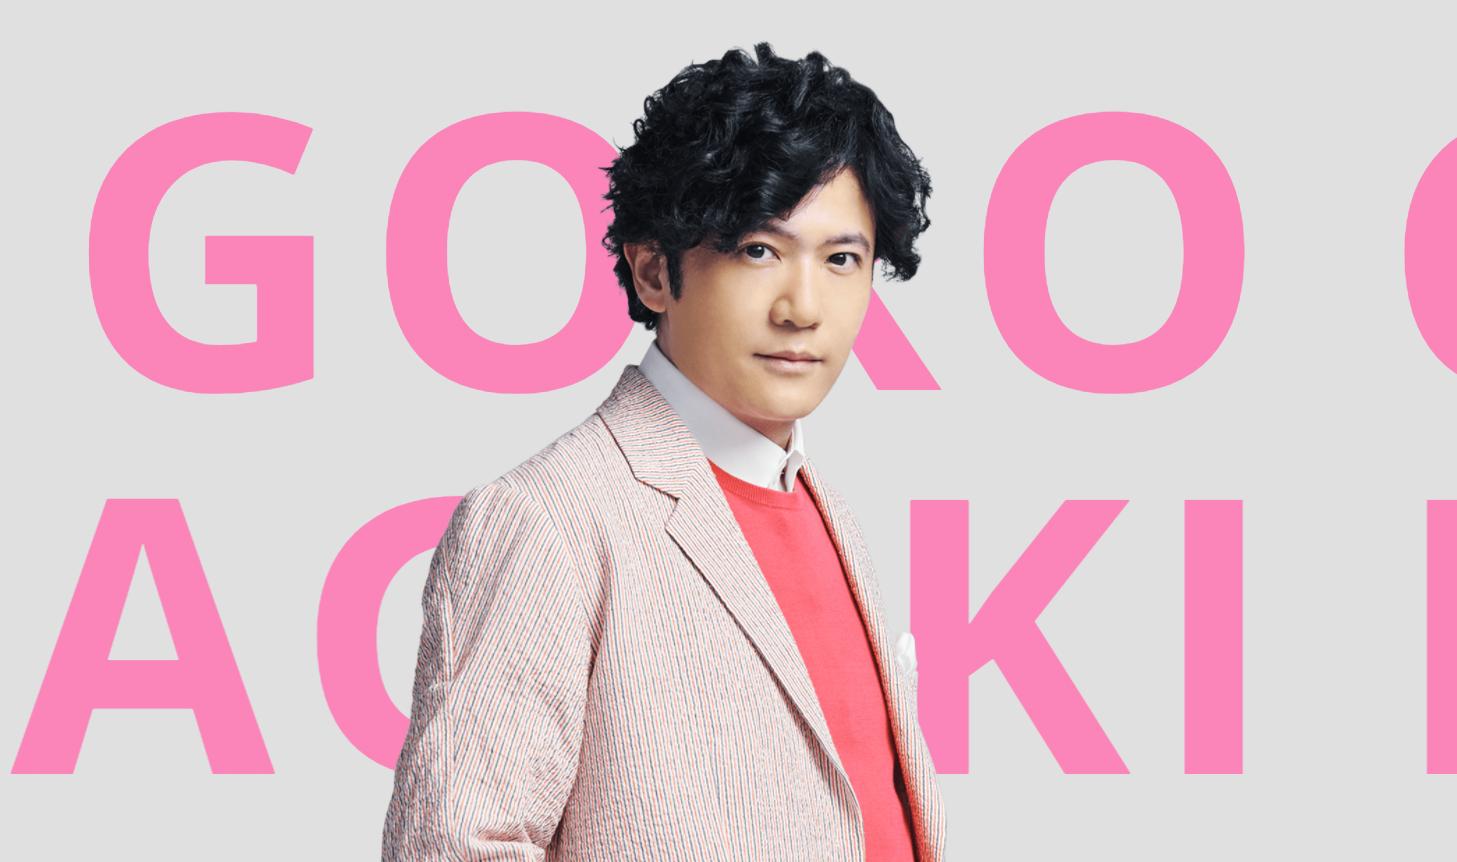 【SMAP】稲垣吾郎の出演ドラマで好きな作品はどれ?【アンケート実施中】 | ねとらぼ調査隊